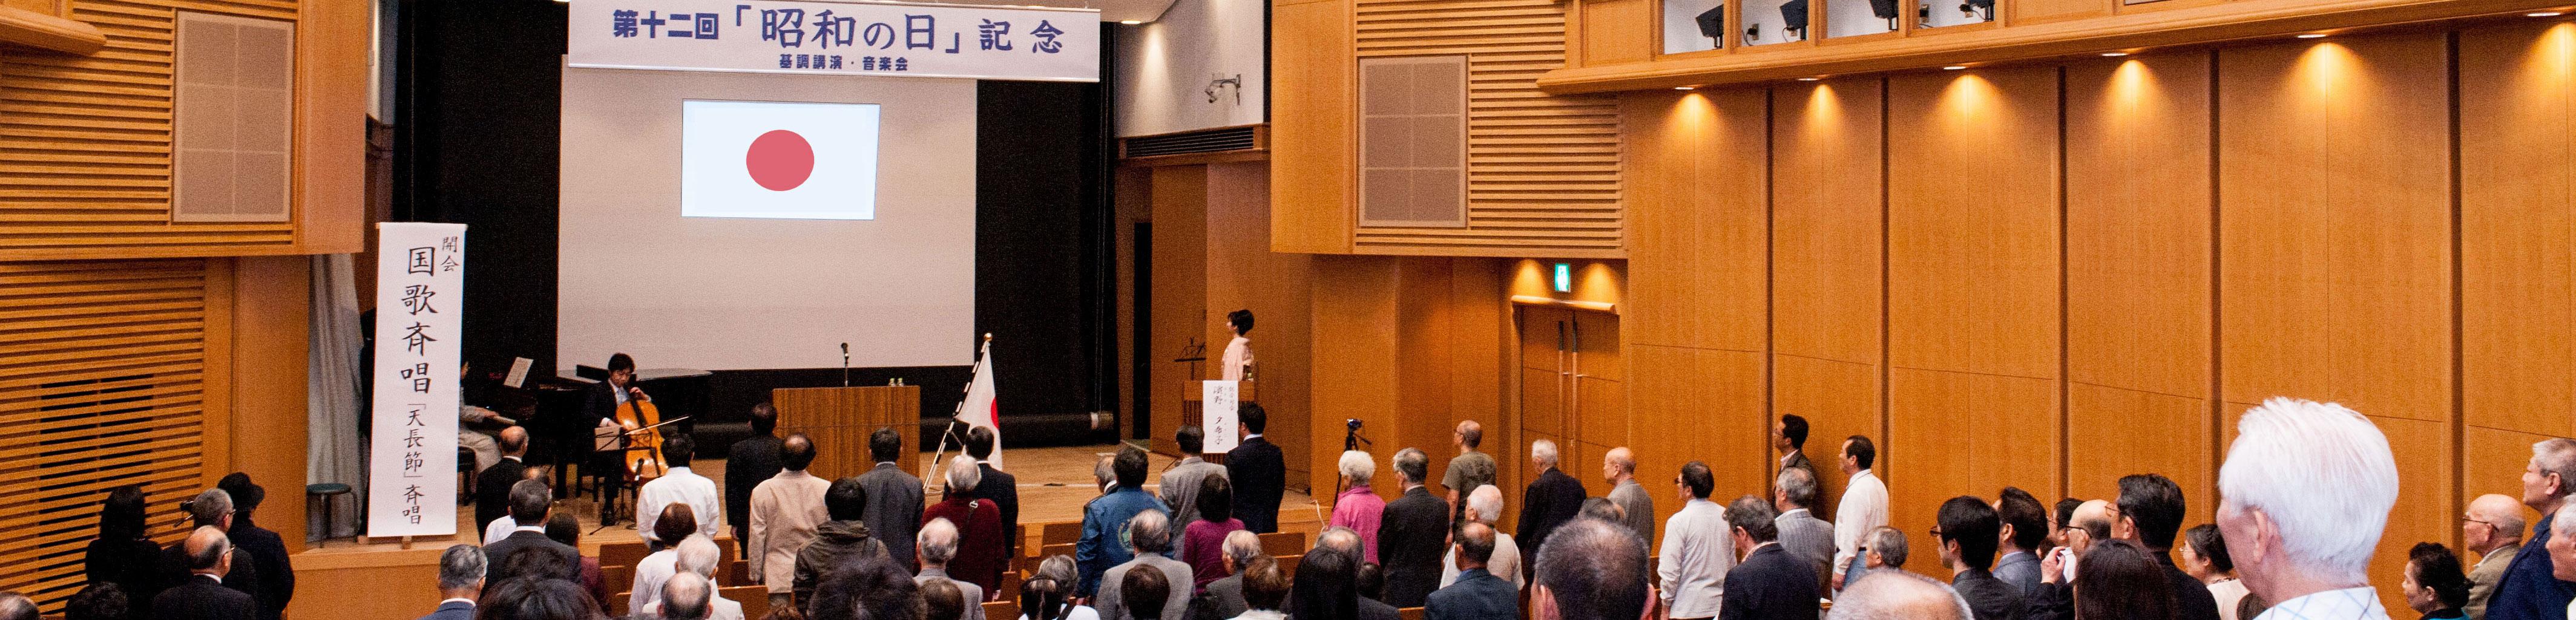 「昭和の日」記念行事実行委員会